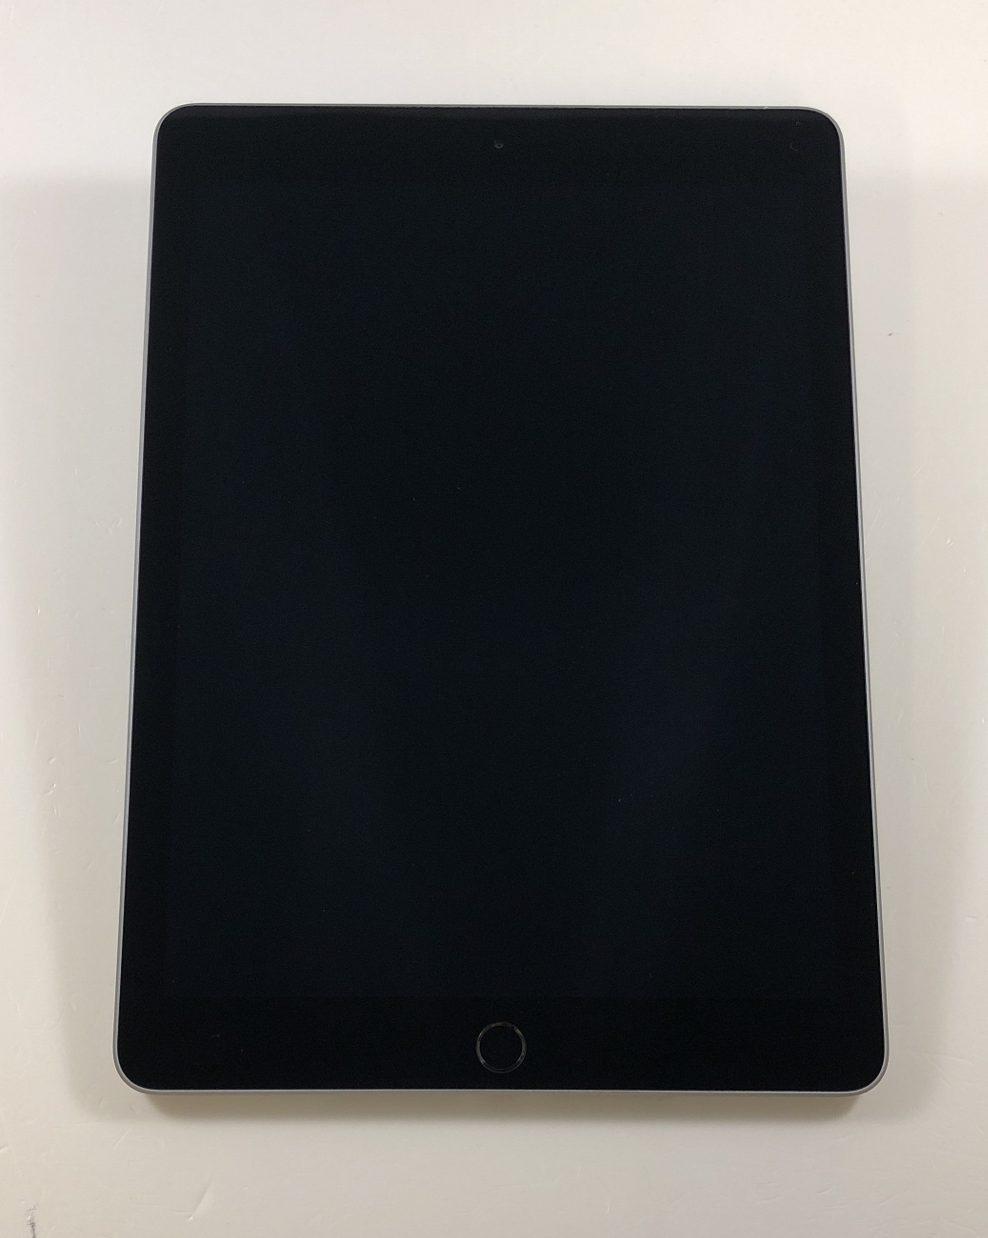 iPad 5 Wi-Fi 128GB, 128GB, Space Gray, immagine 1